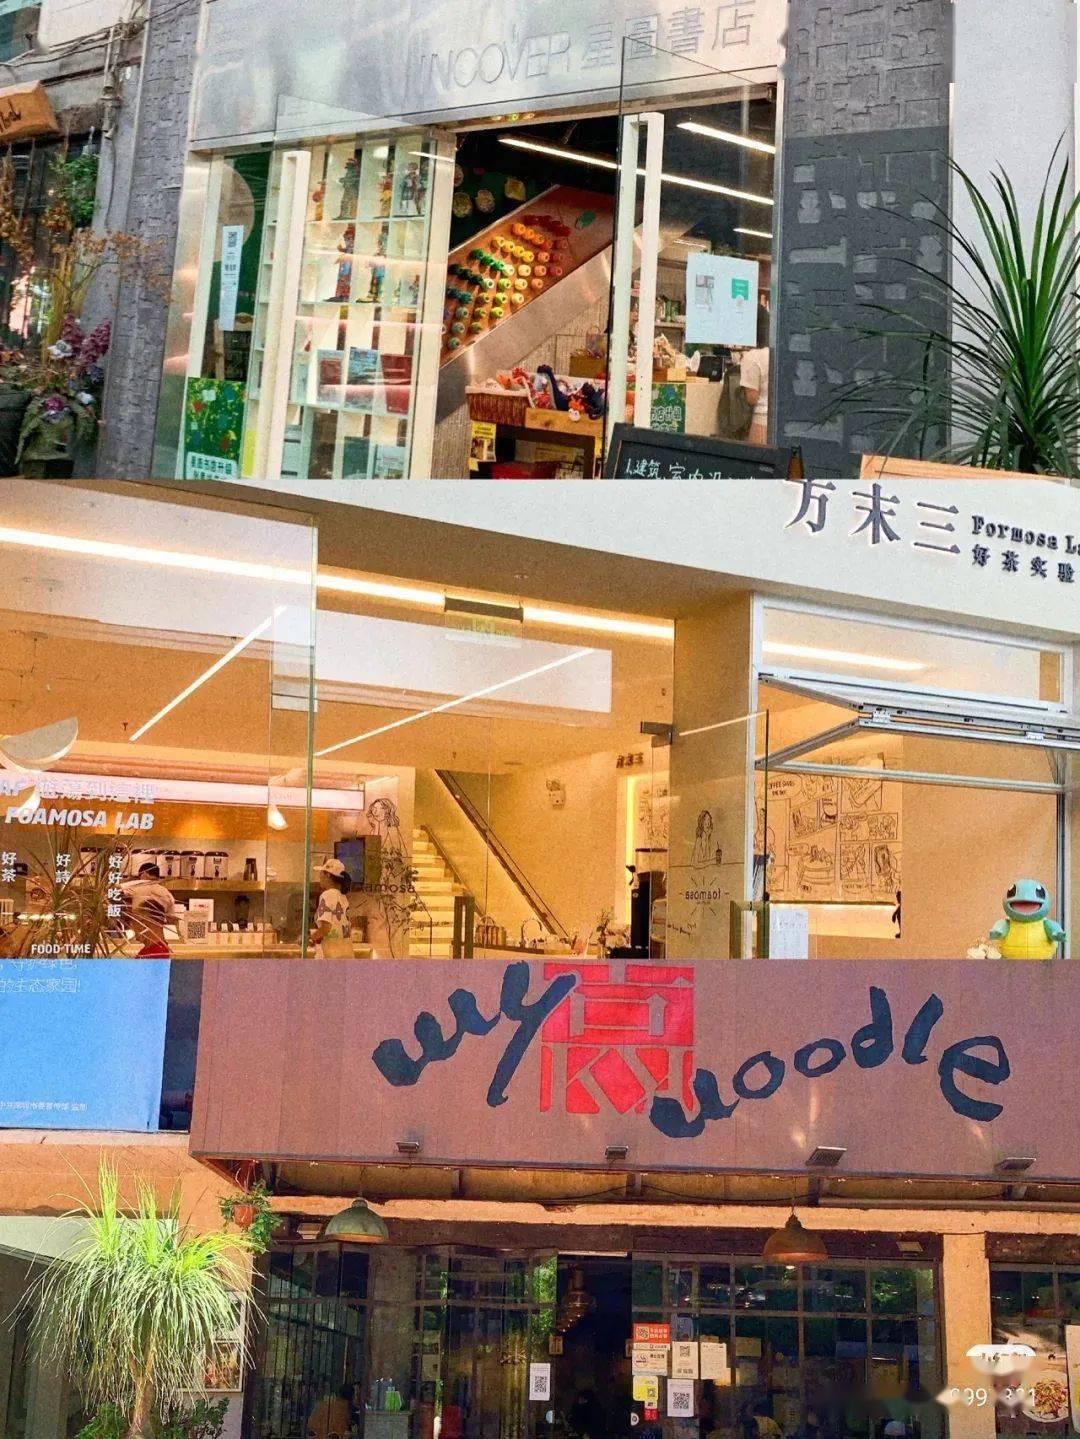 五一出行必看!深圳这4个创意园有趣又好逛!妥妥的拍照圣地!